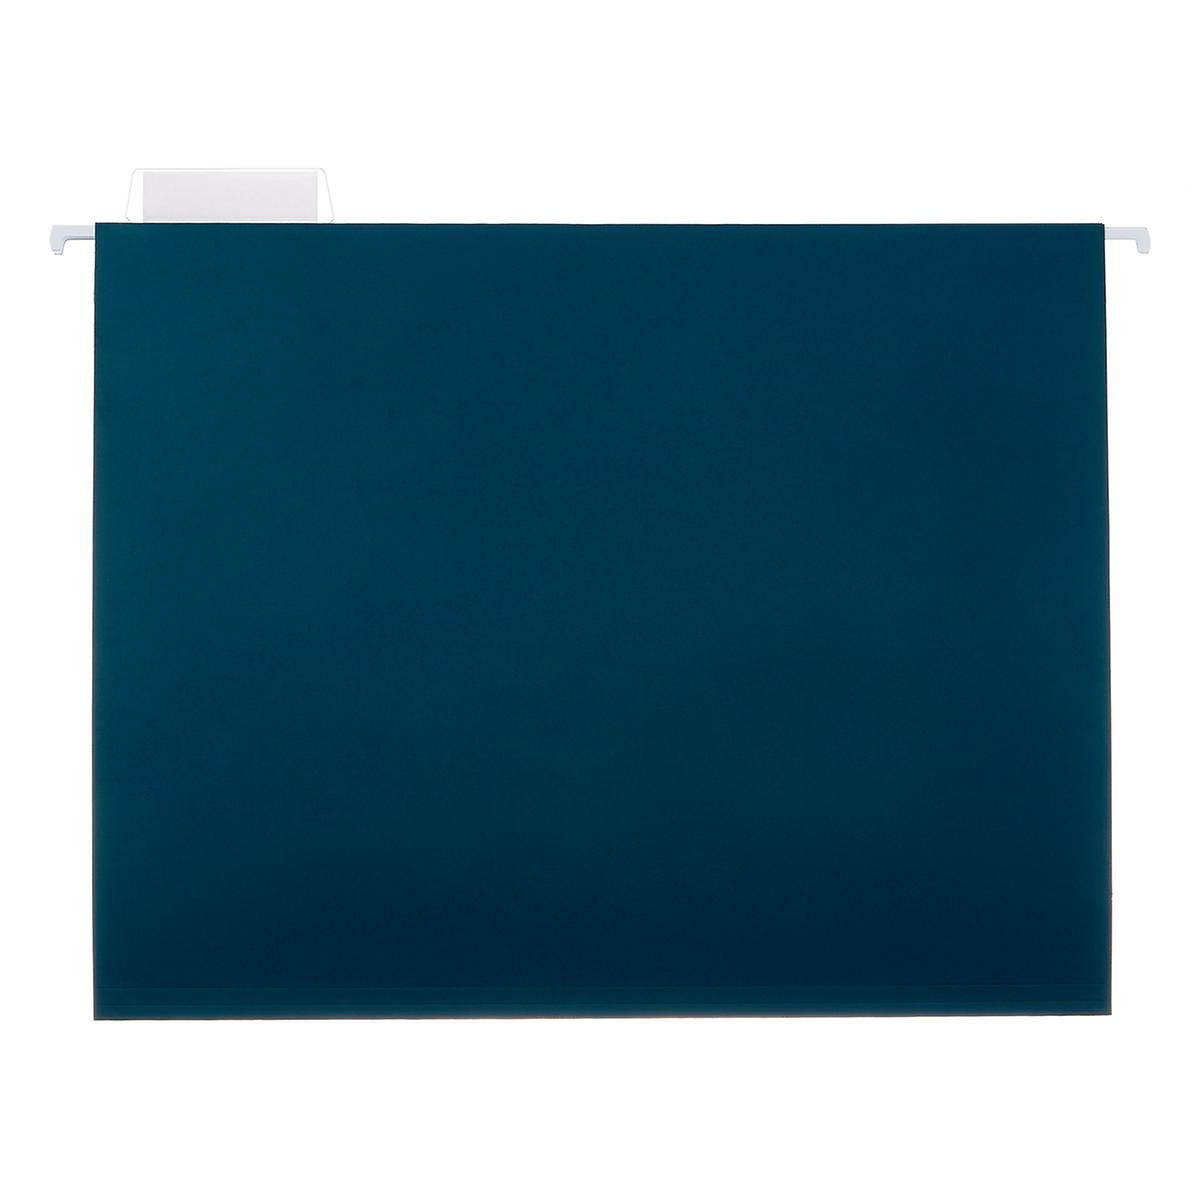 Teal Letter-Size Hanging File Folders